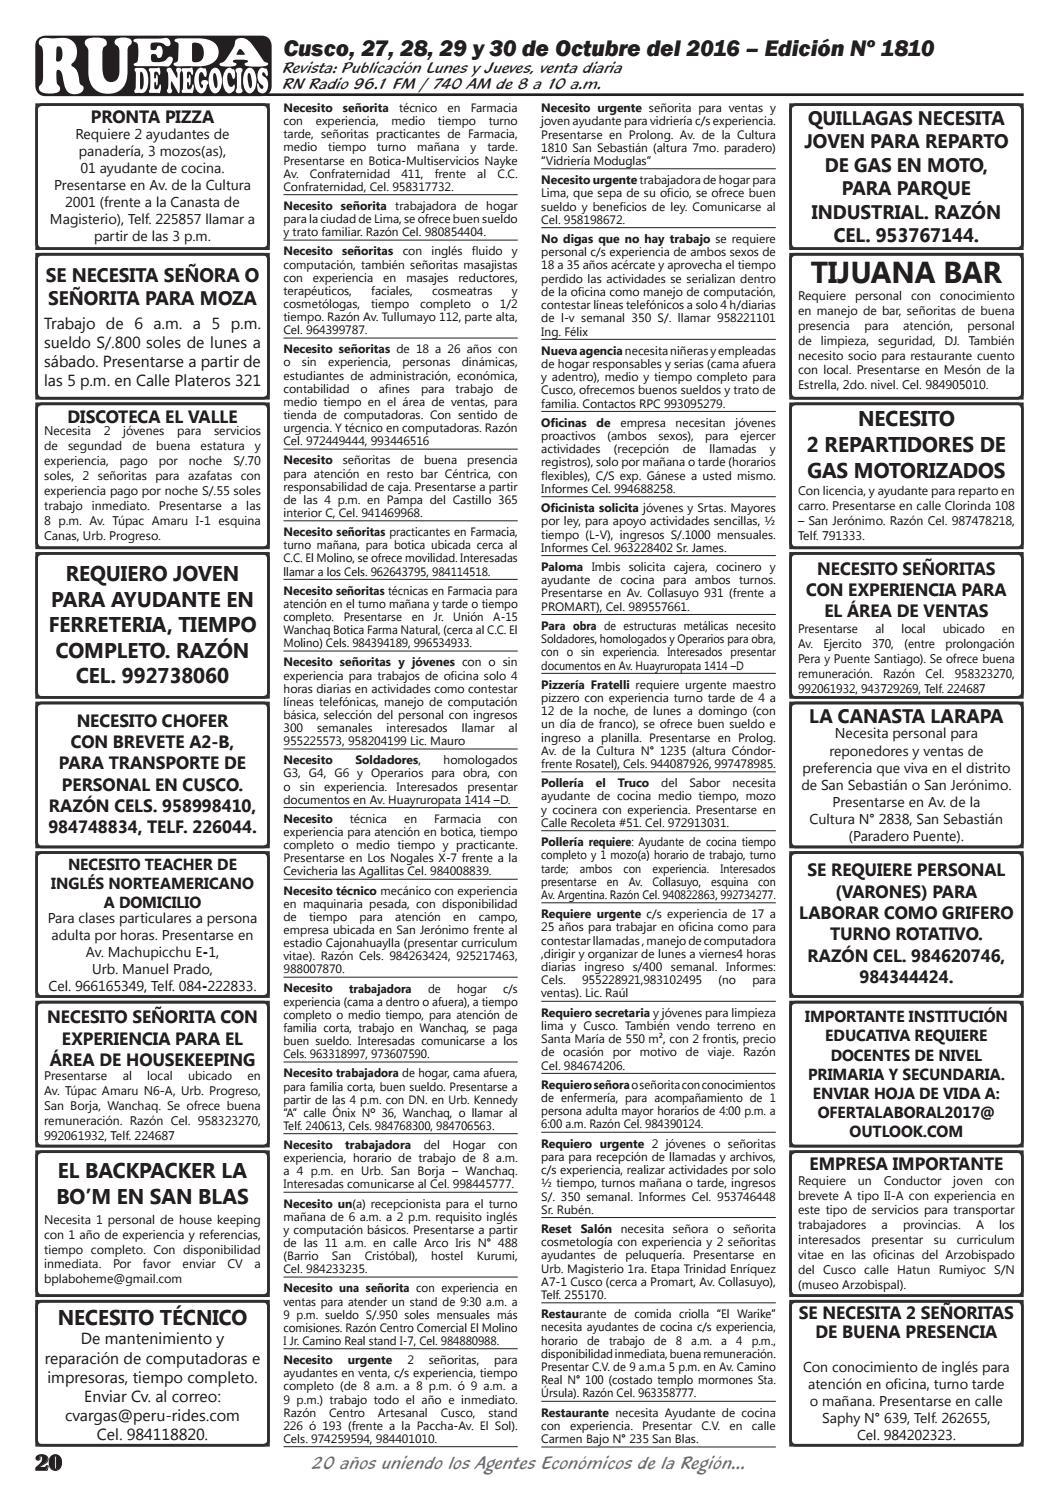 Edición 1810 by Rueda de Negocios - issuu